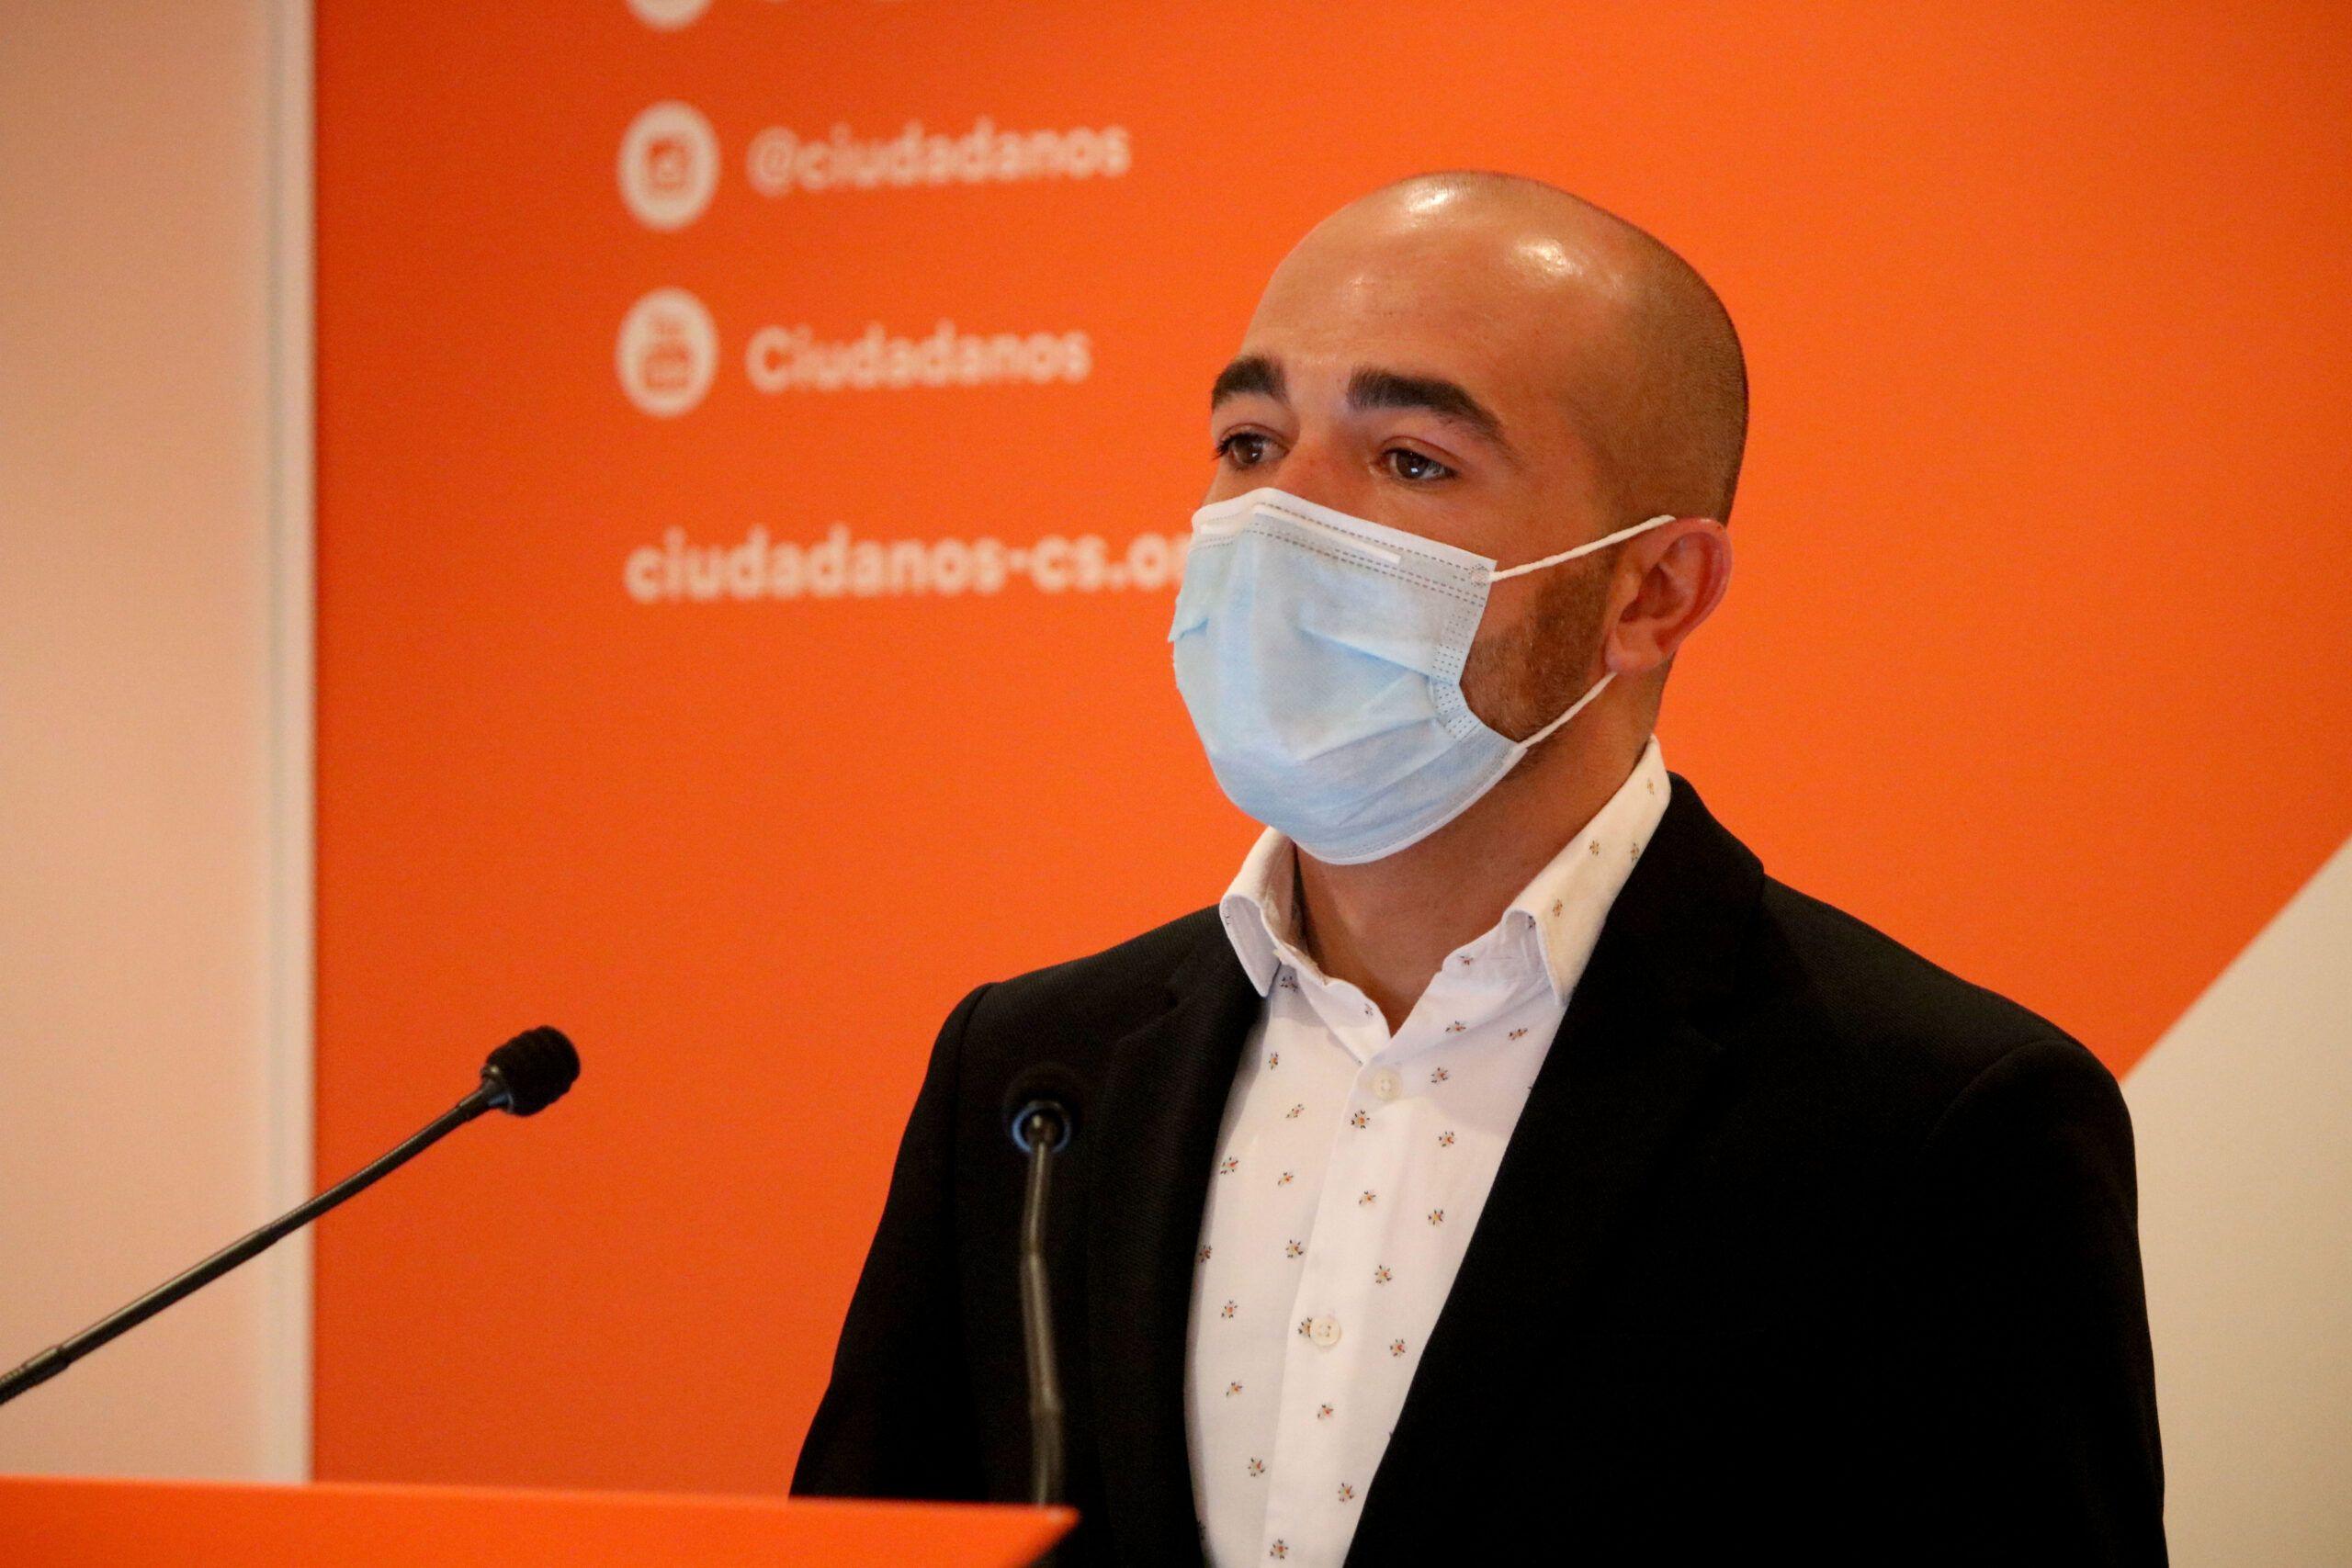 Cs Guadalajara tiende la mano al PP para negociar los presupuestos 'a tiempo' y destaca la marca naranja en unos presupuestos coherentes